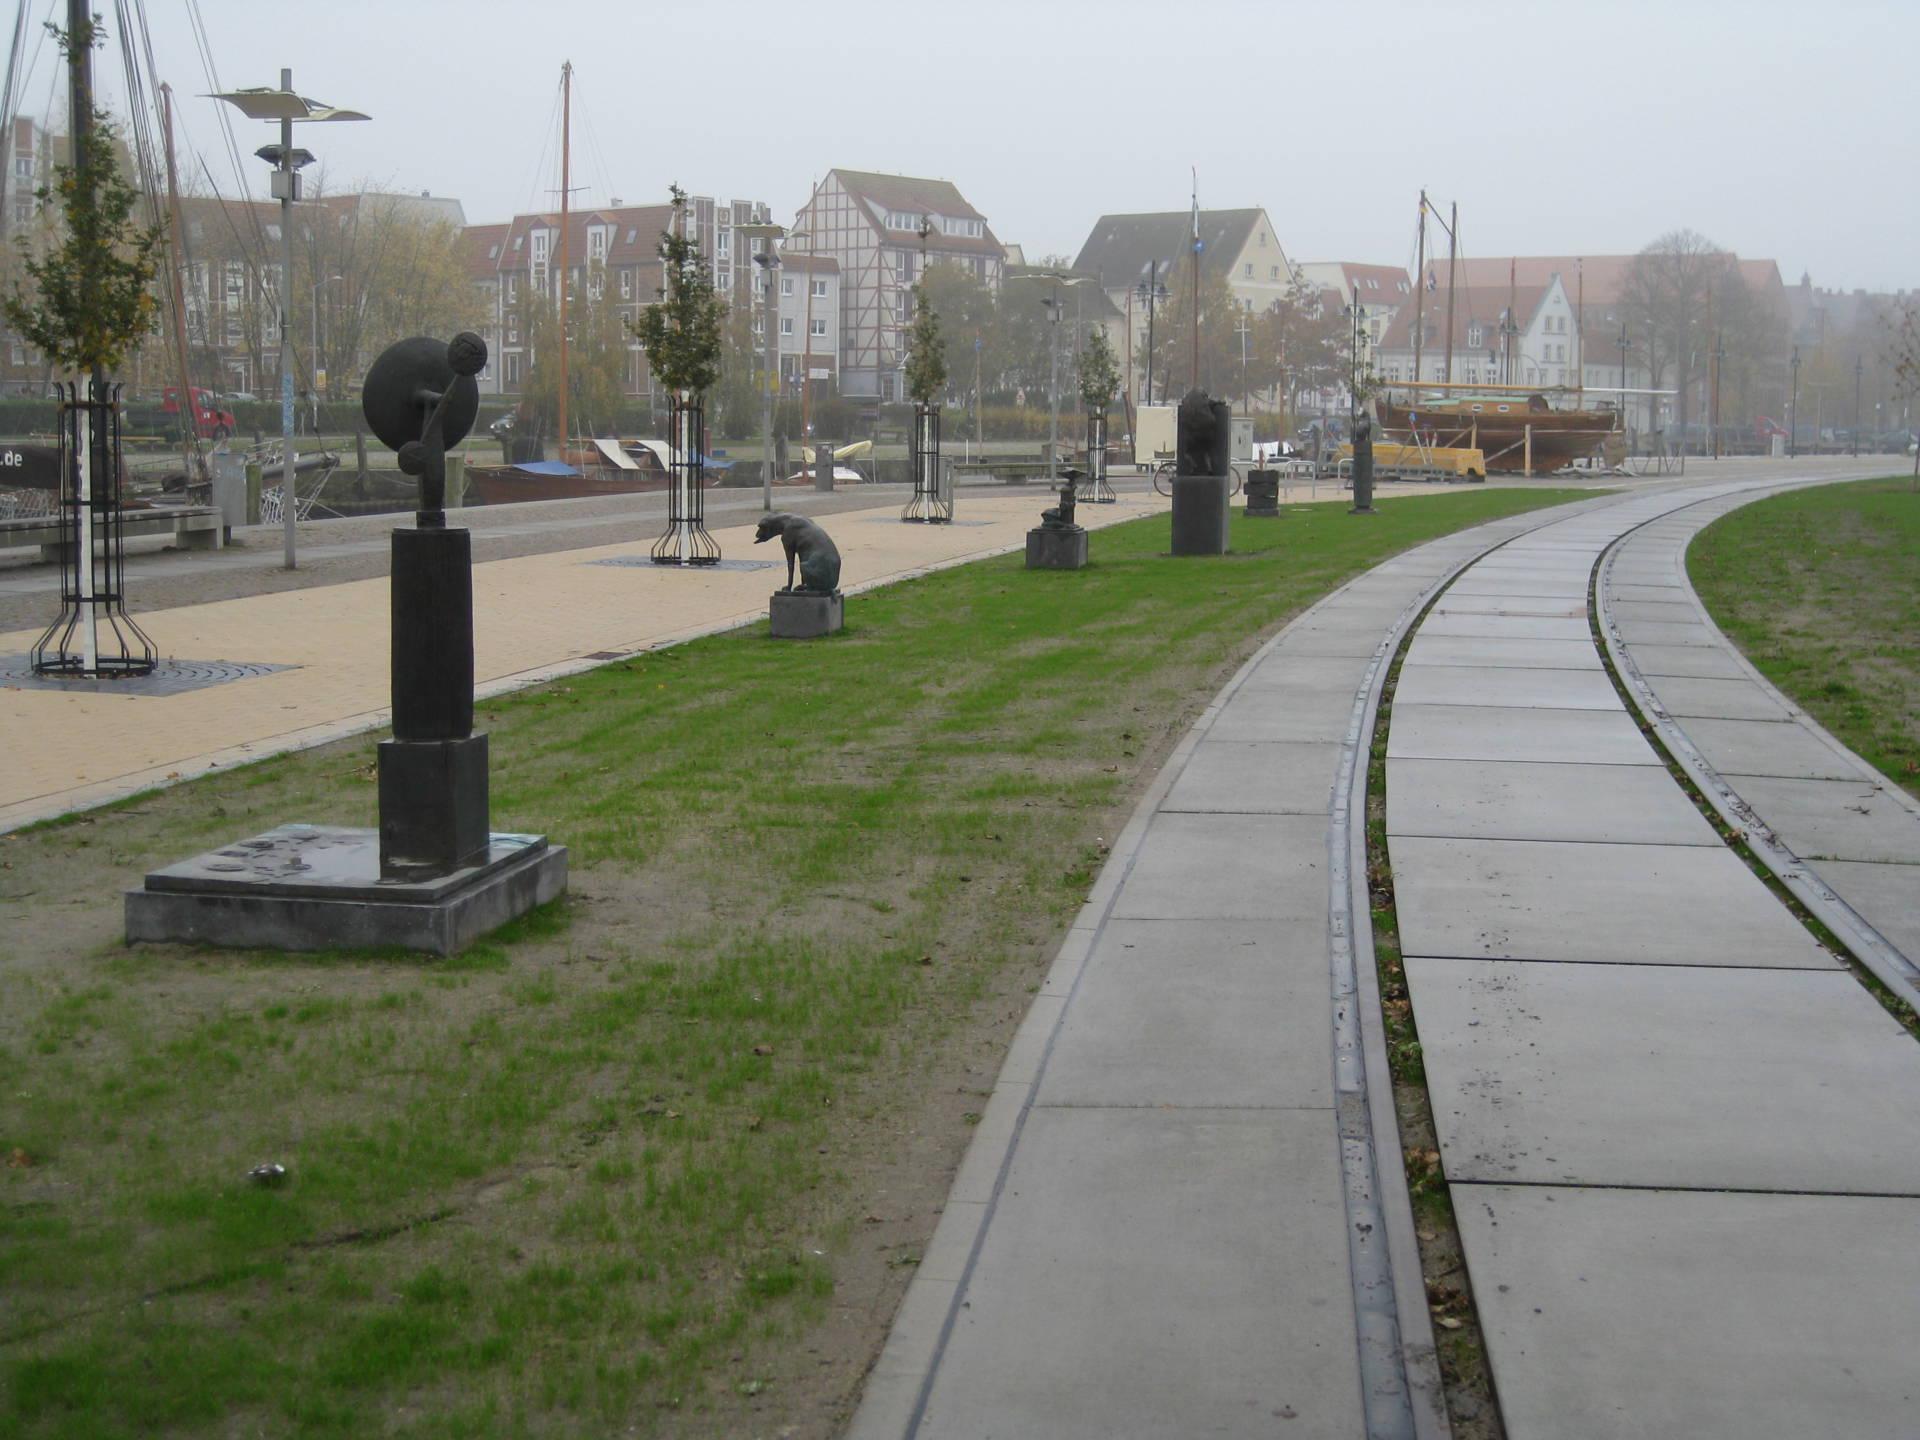 Foto 3 Promenade Museumshafen Greifswald 2 3 Abschnitt